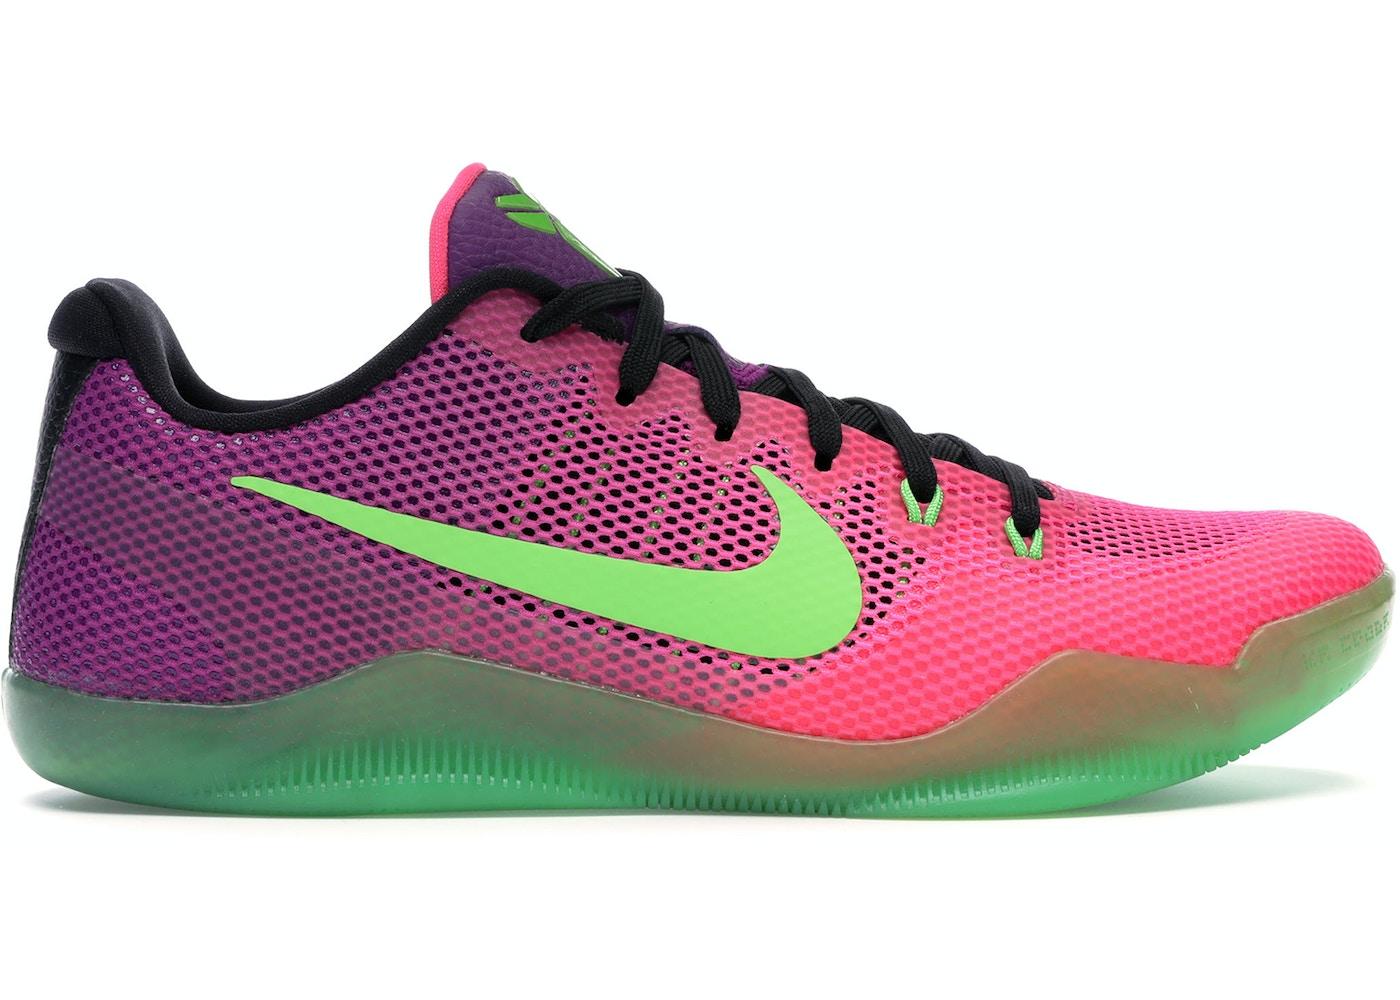 wholesale dealer ea363 20fca Buy Nike Kobe 11 Shoes   Deadstock Sneakers